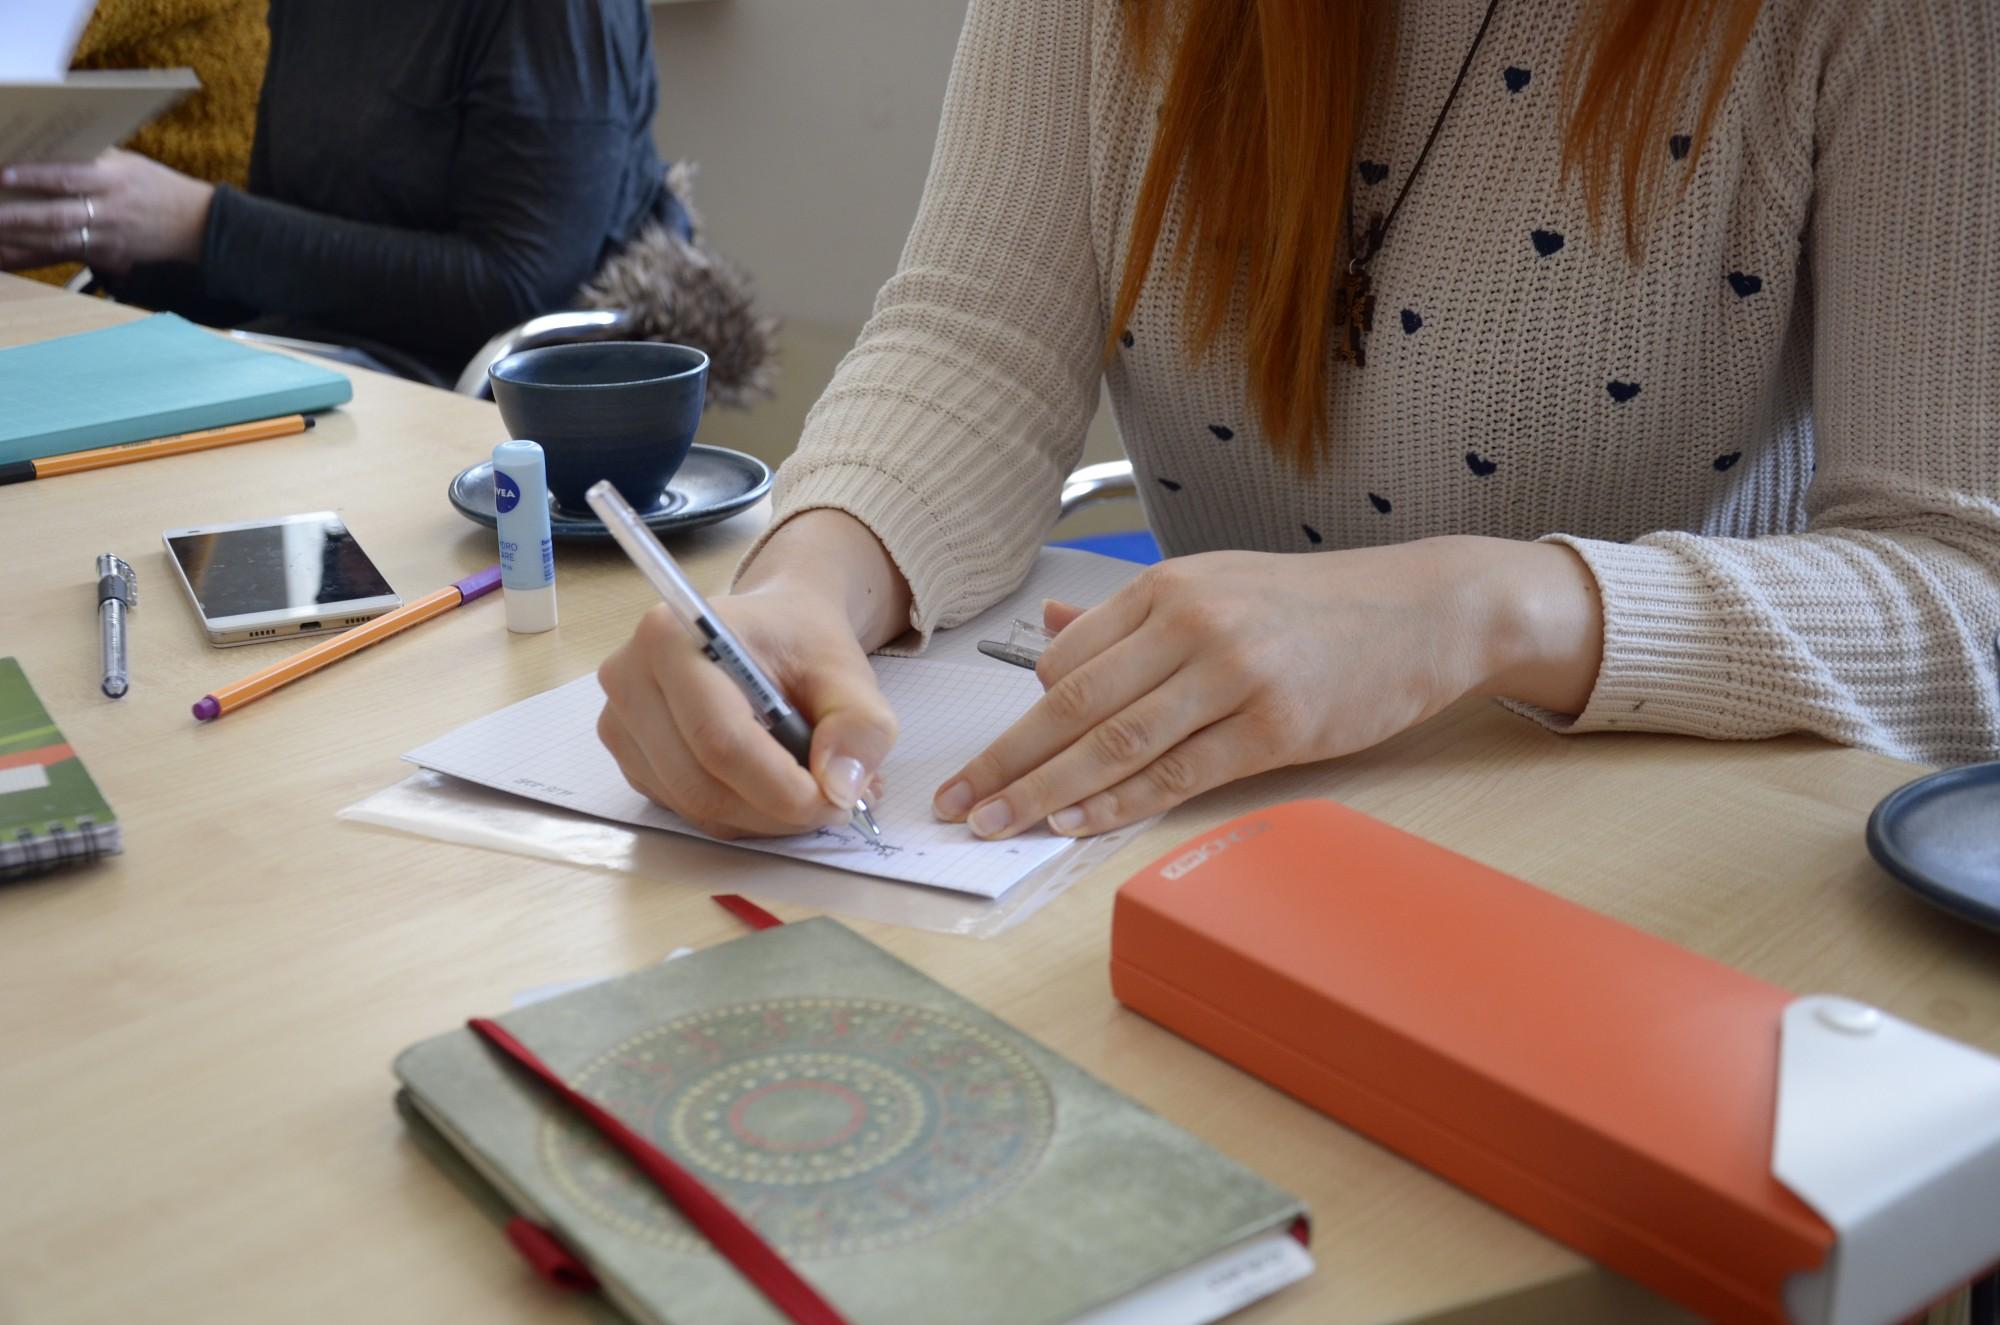 Jauniešu mājā notiks radošās rakstniecības pasākums